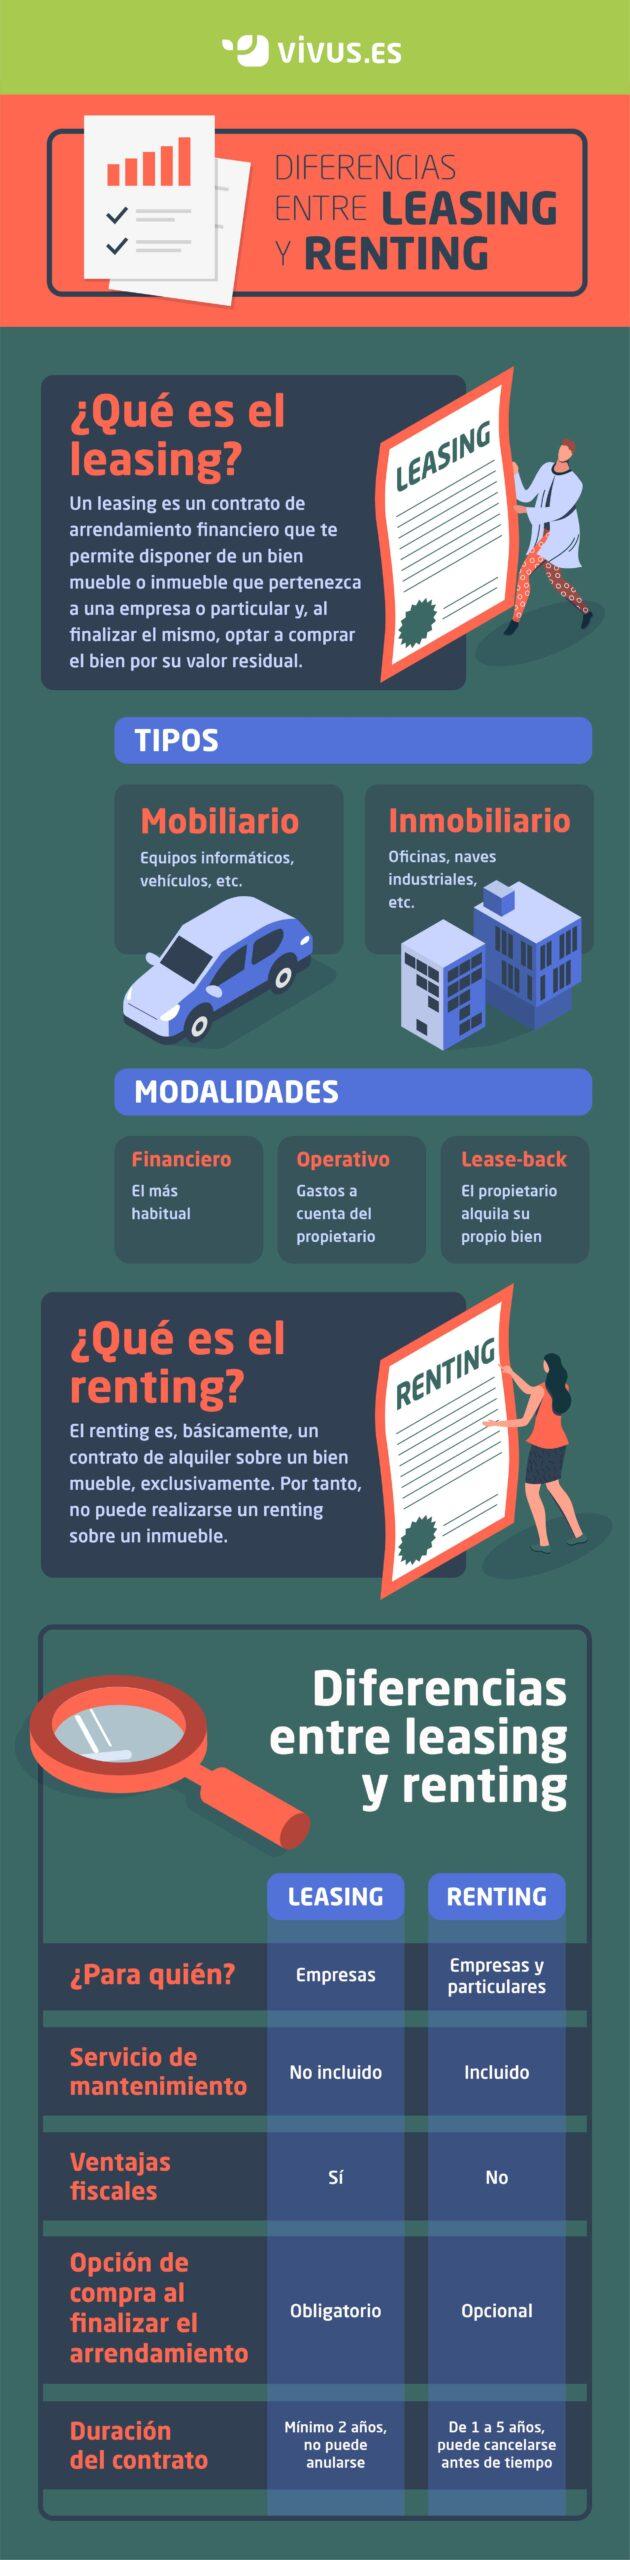 Infografía | Diferencias entre leasing y renting